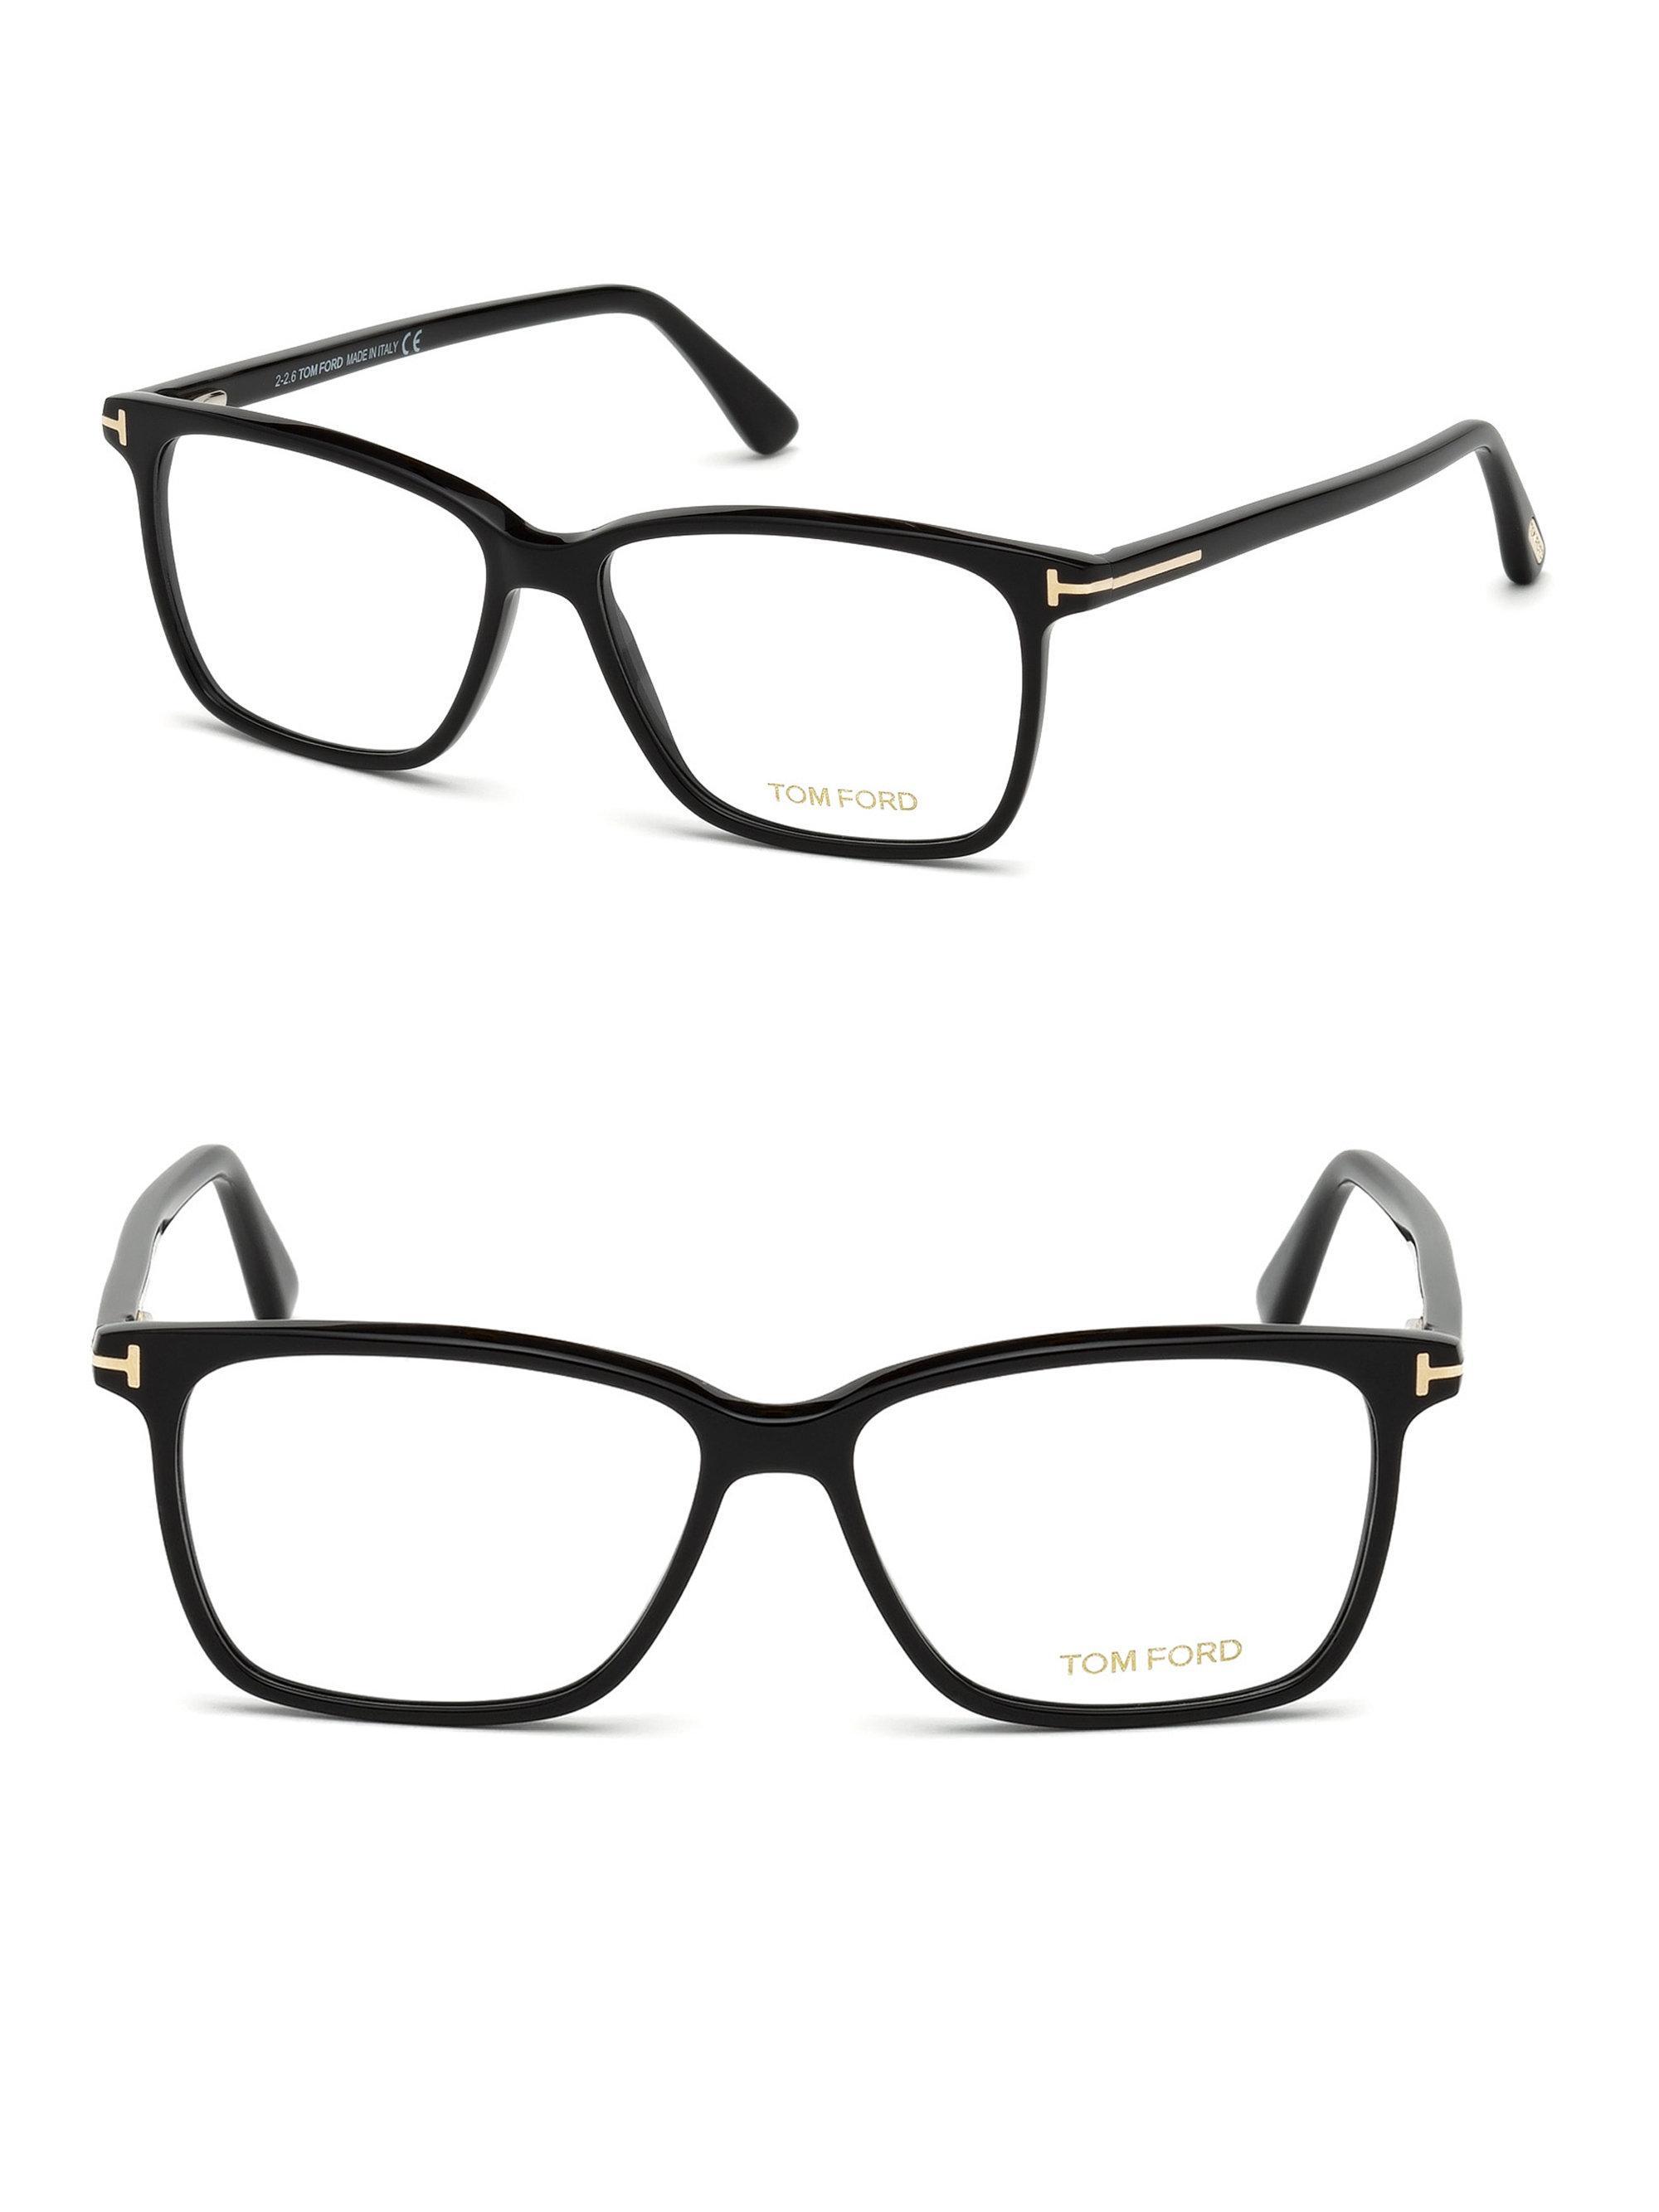 55eddec240 Tom Ford - Men s 55mm Blue Block Optical Glasses - Black for Men - Lyst.  View fullscreen